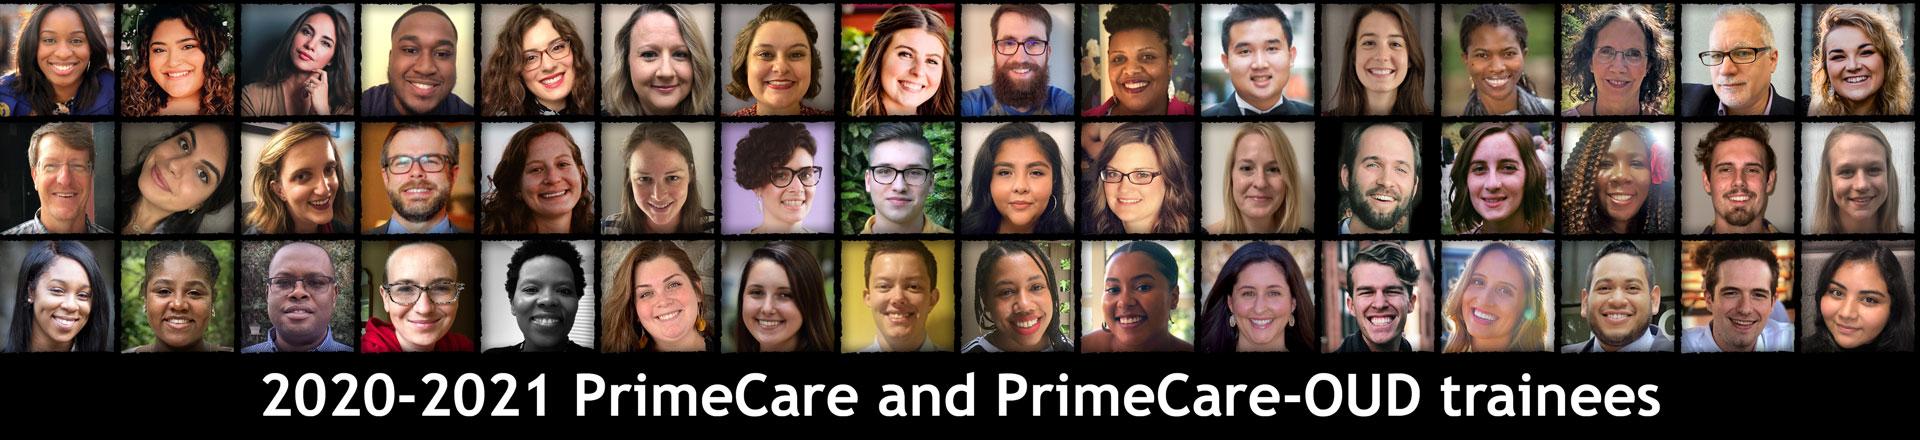 2020-2021 PrimeCare and PrimeCare-OUD trainees